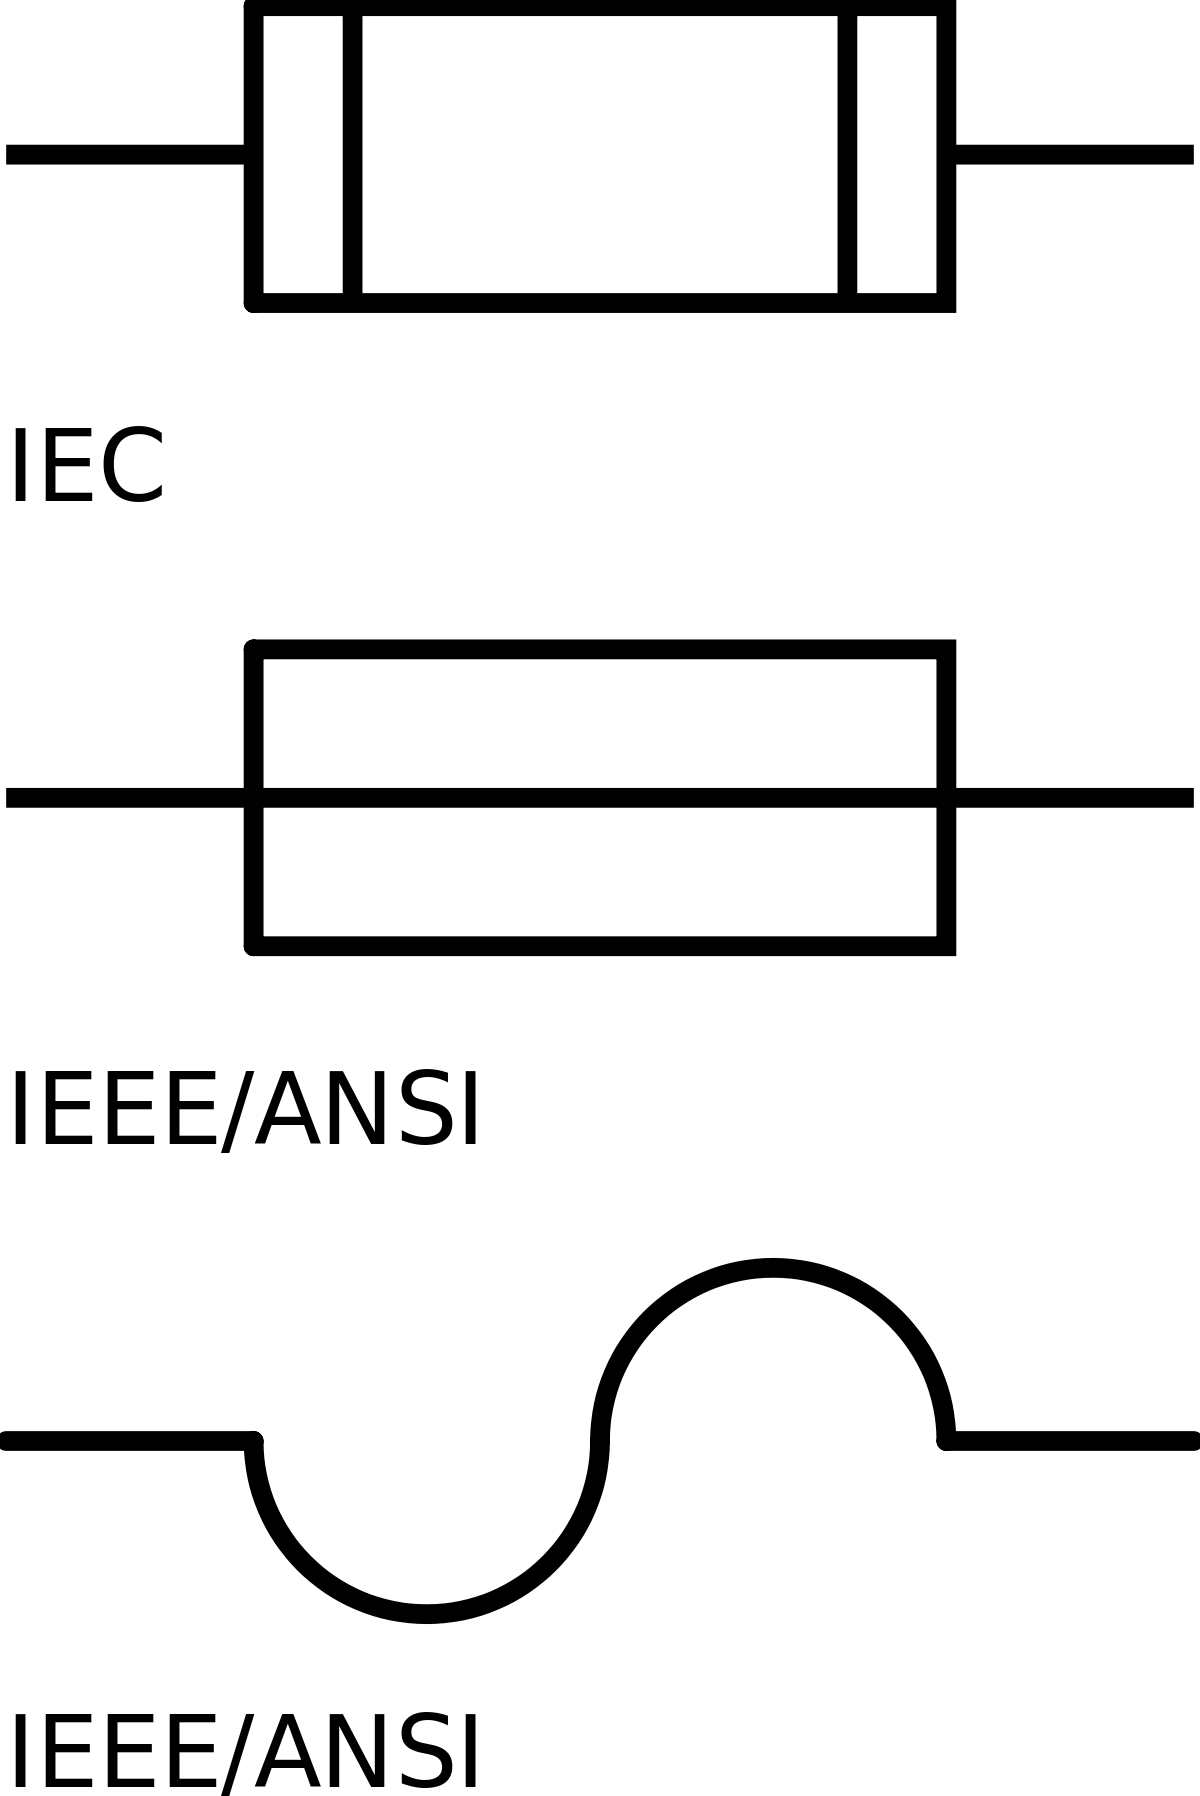 Плавкий предохранитель: виды и типы, выбор плавкой вставки, маркировка и обозначение